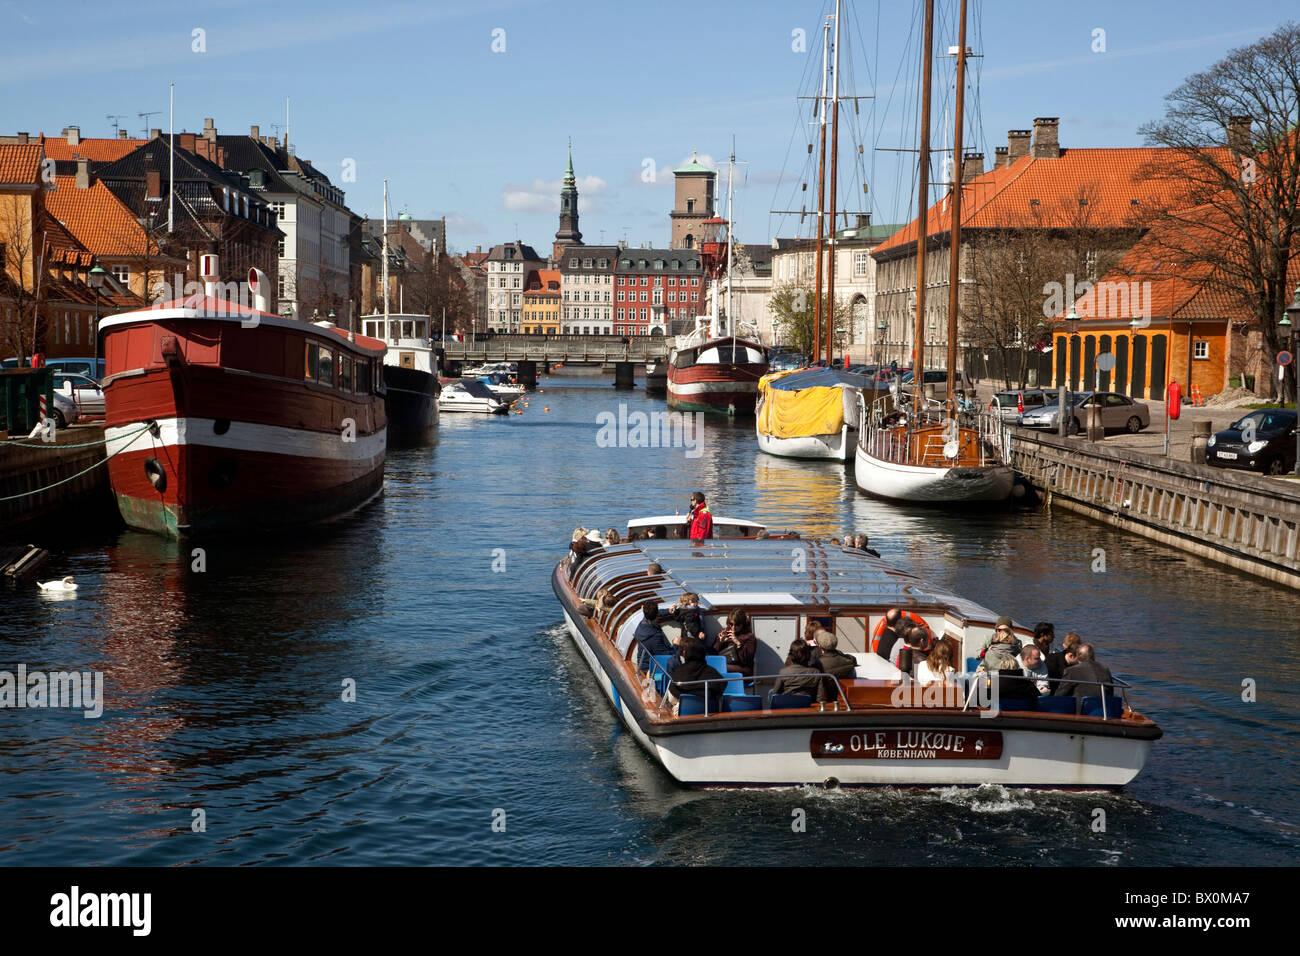 Tourist sightseeing boat at Frederiksholms Kanal. Copenhagen, Denmark. - Stock Image